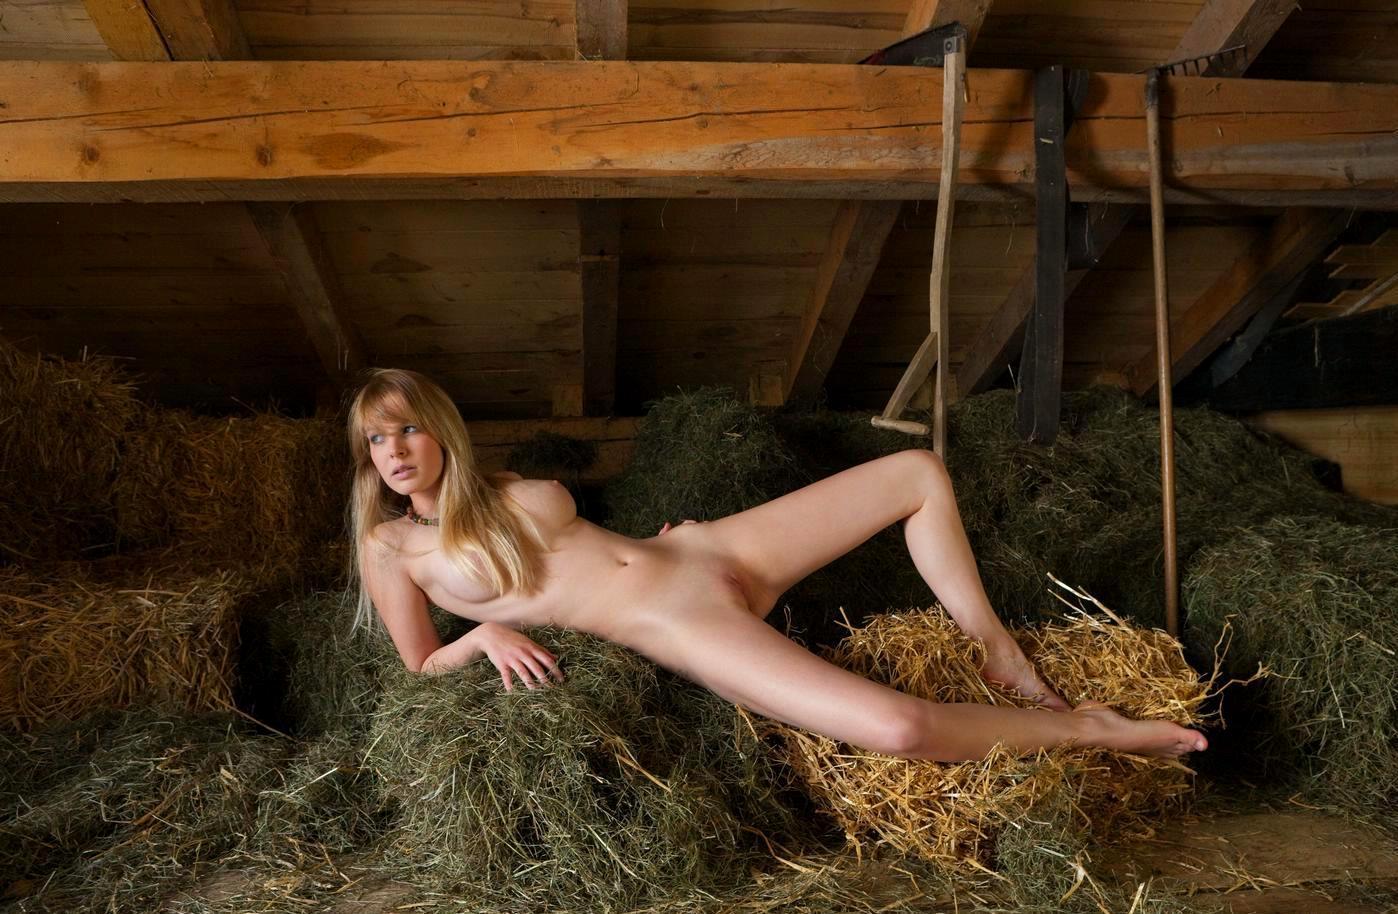 деревенскихдевушек порно фотосесии